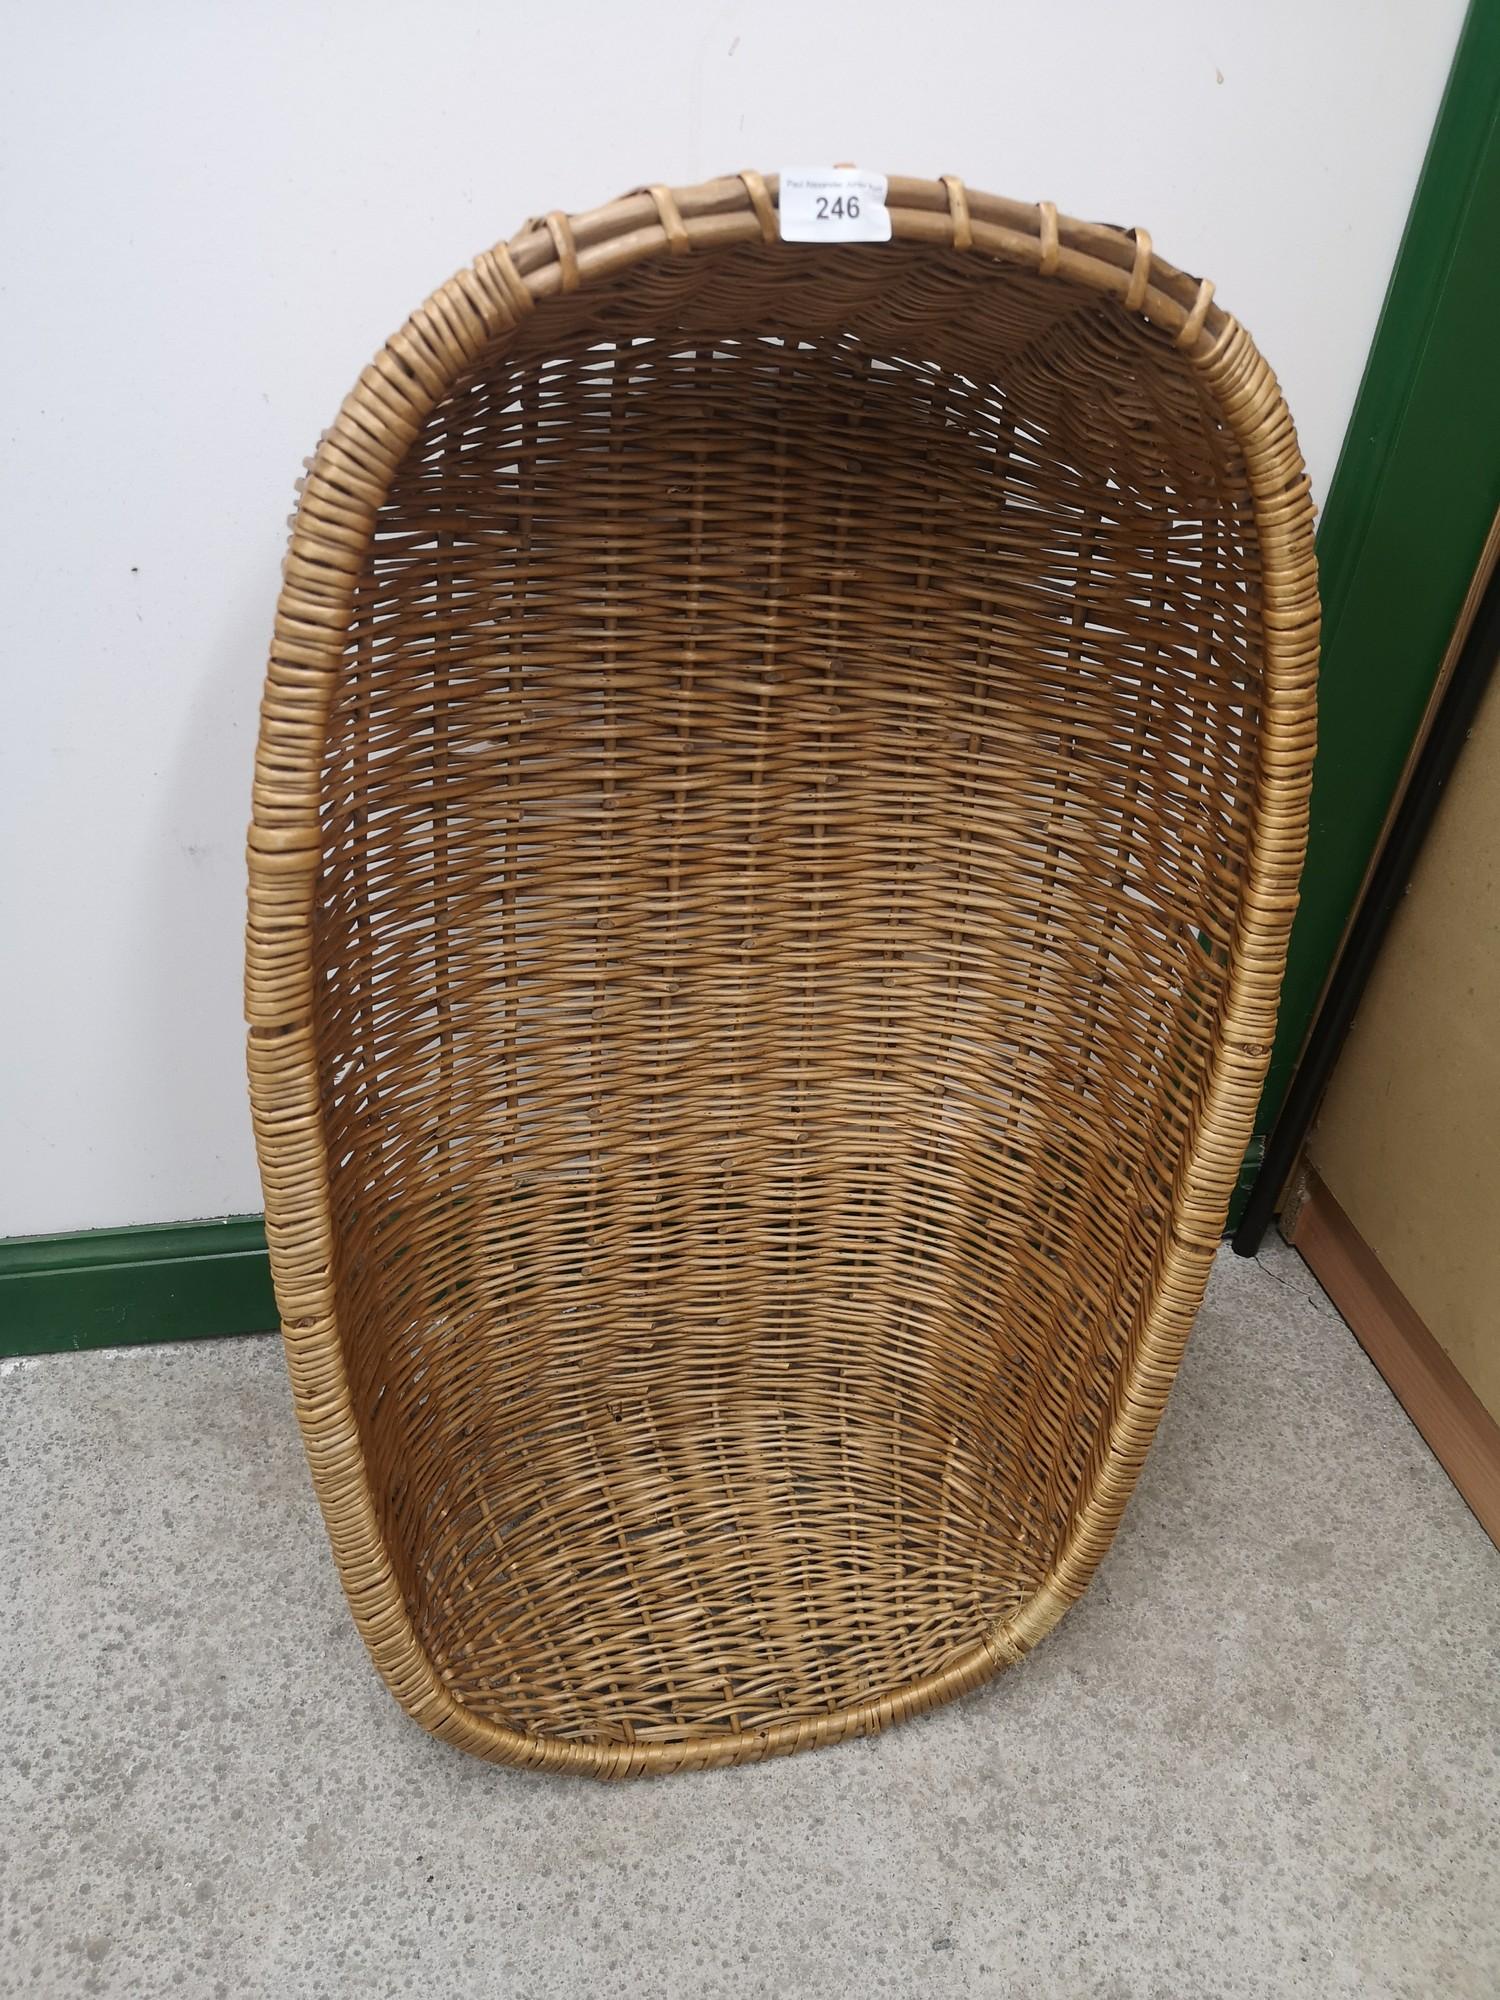 Early Large wicker basket.